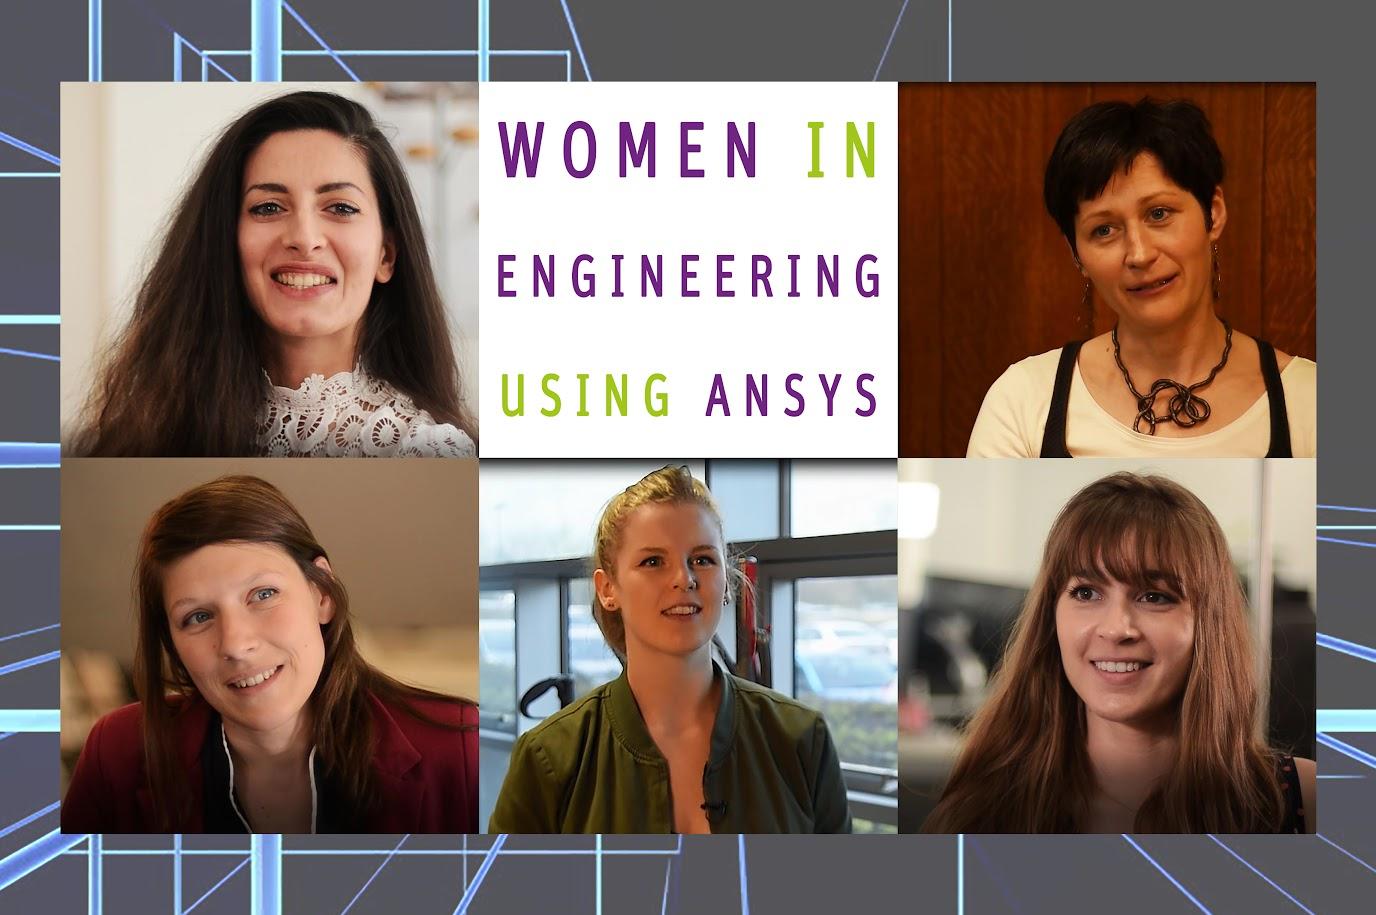 Празднование Международного дня женщин в инженерии